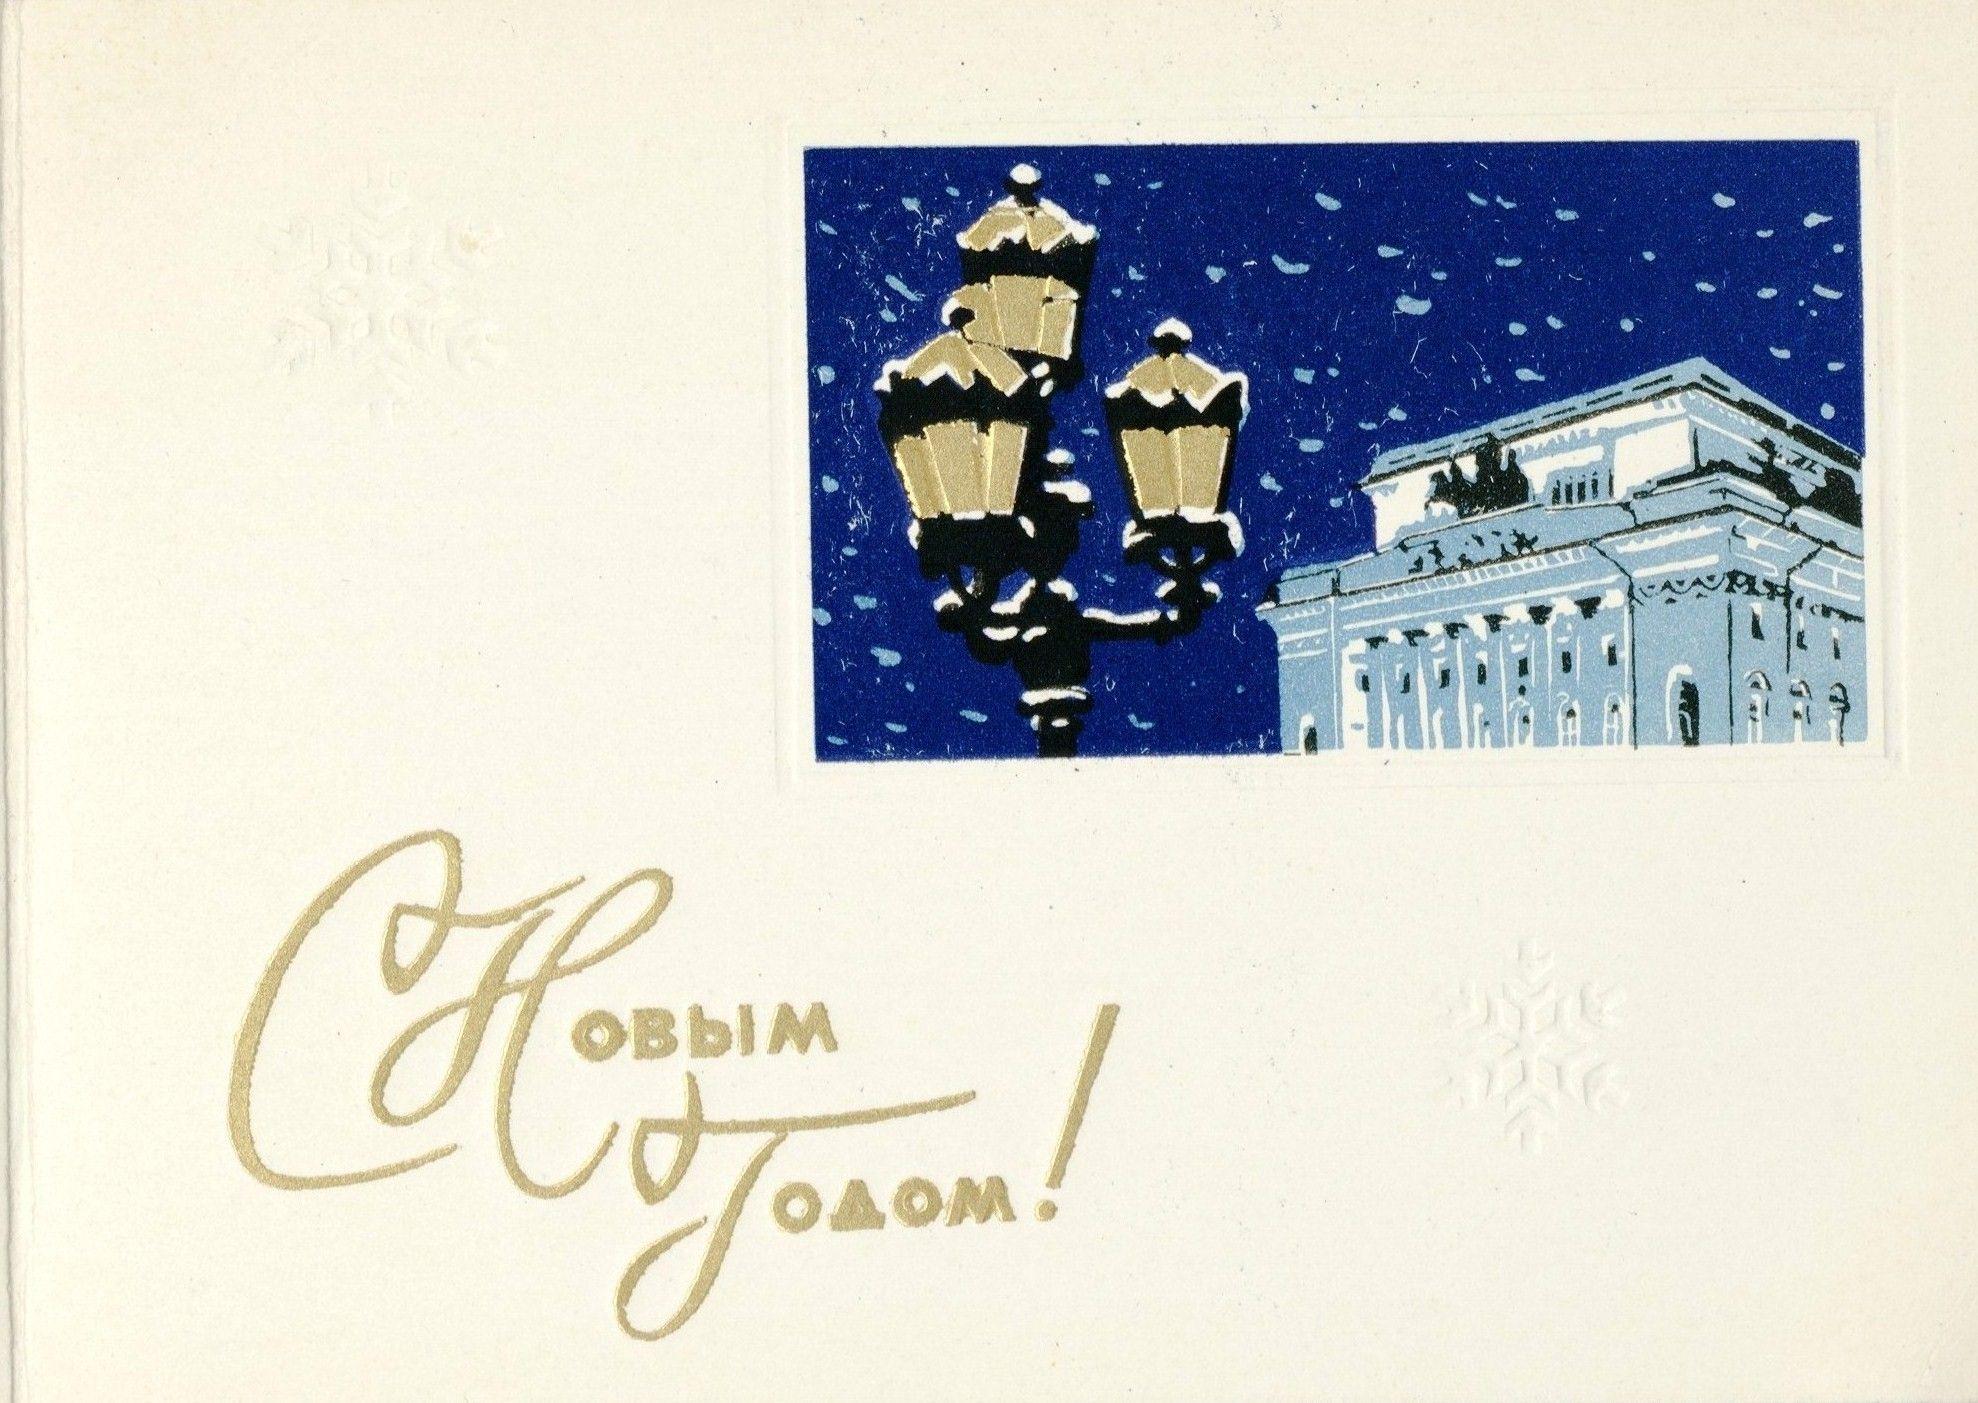 Новогодние открытки 1948 года, вечерочка прикольные картинки